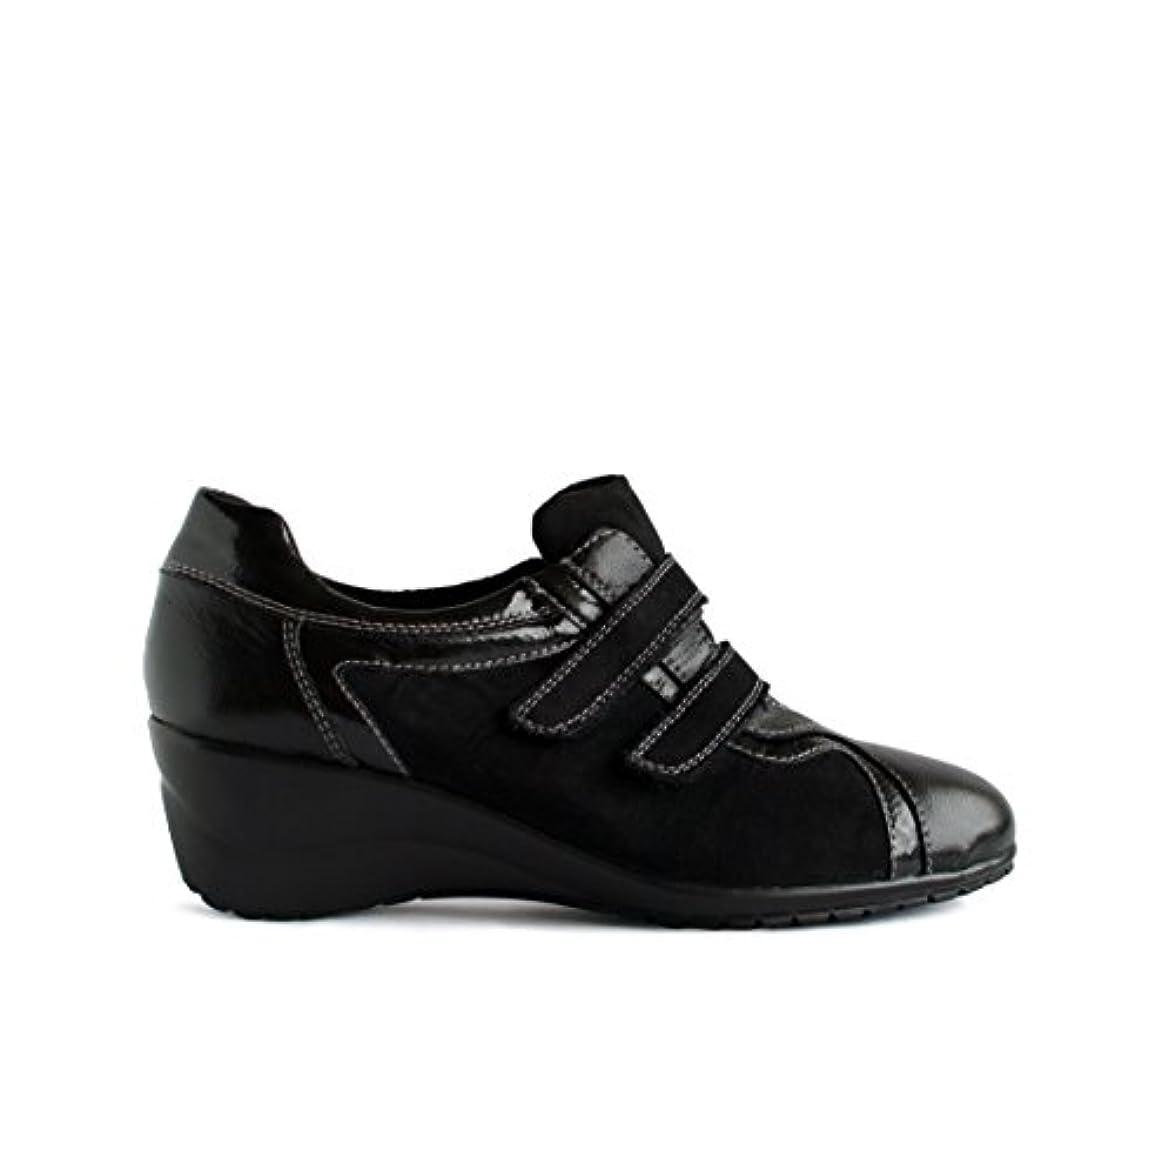 Scarpe Sneakers Strappo Doppio Pelle Scamosciata